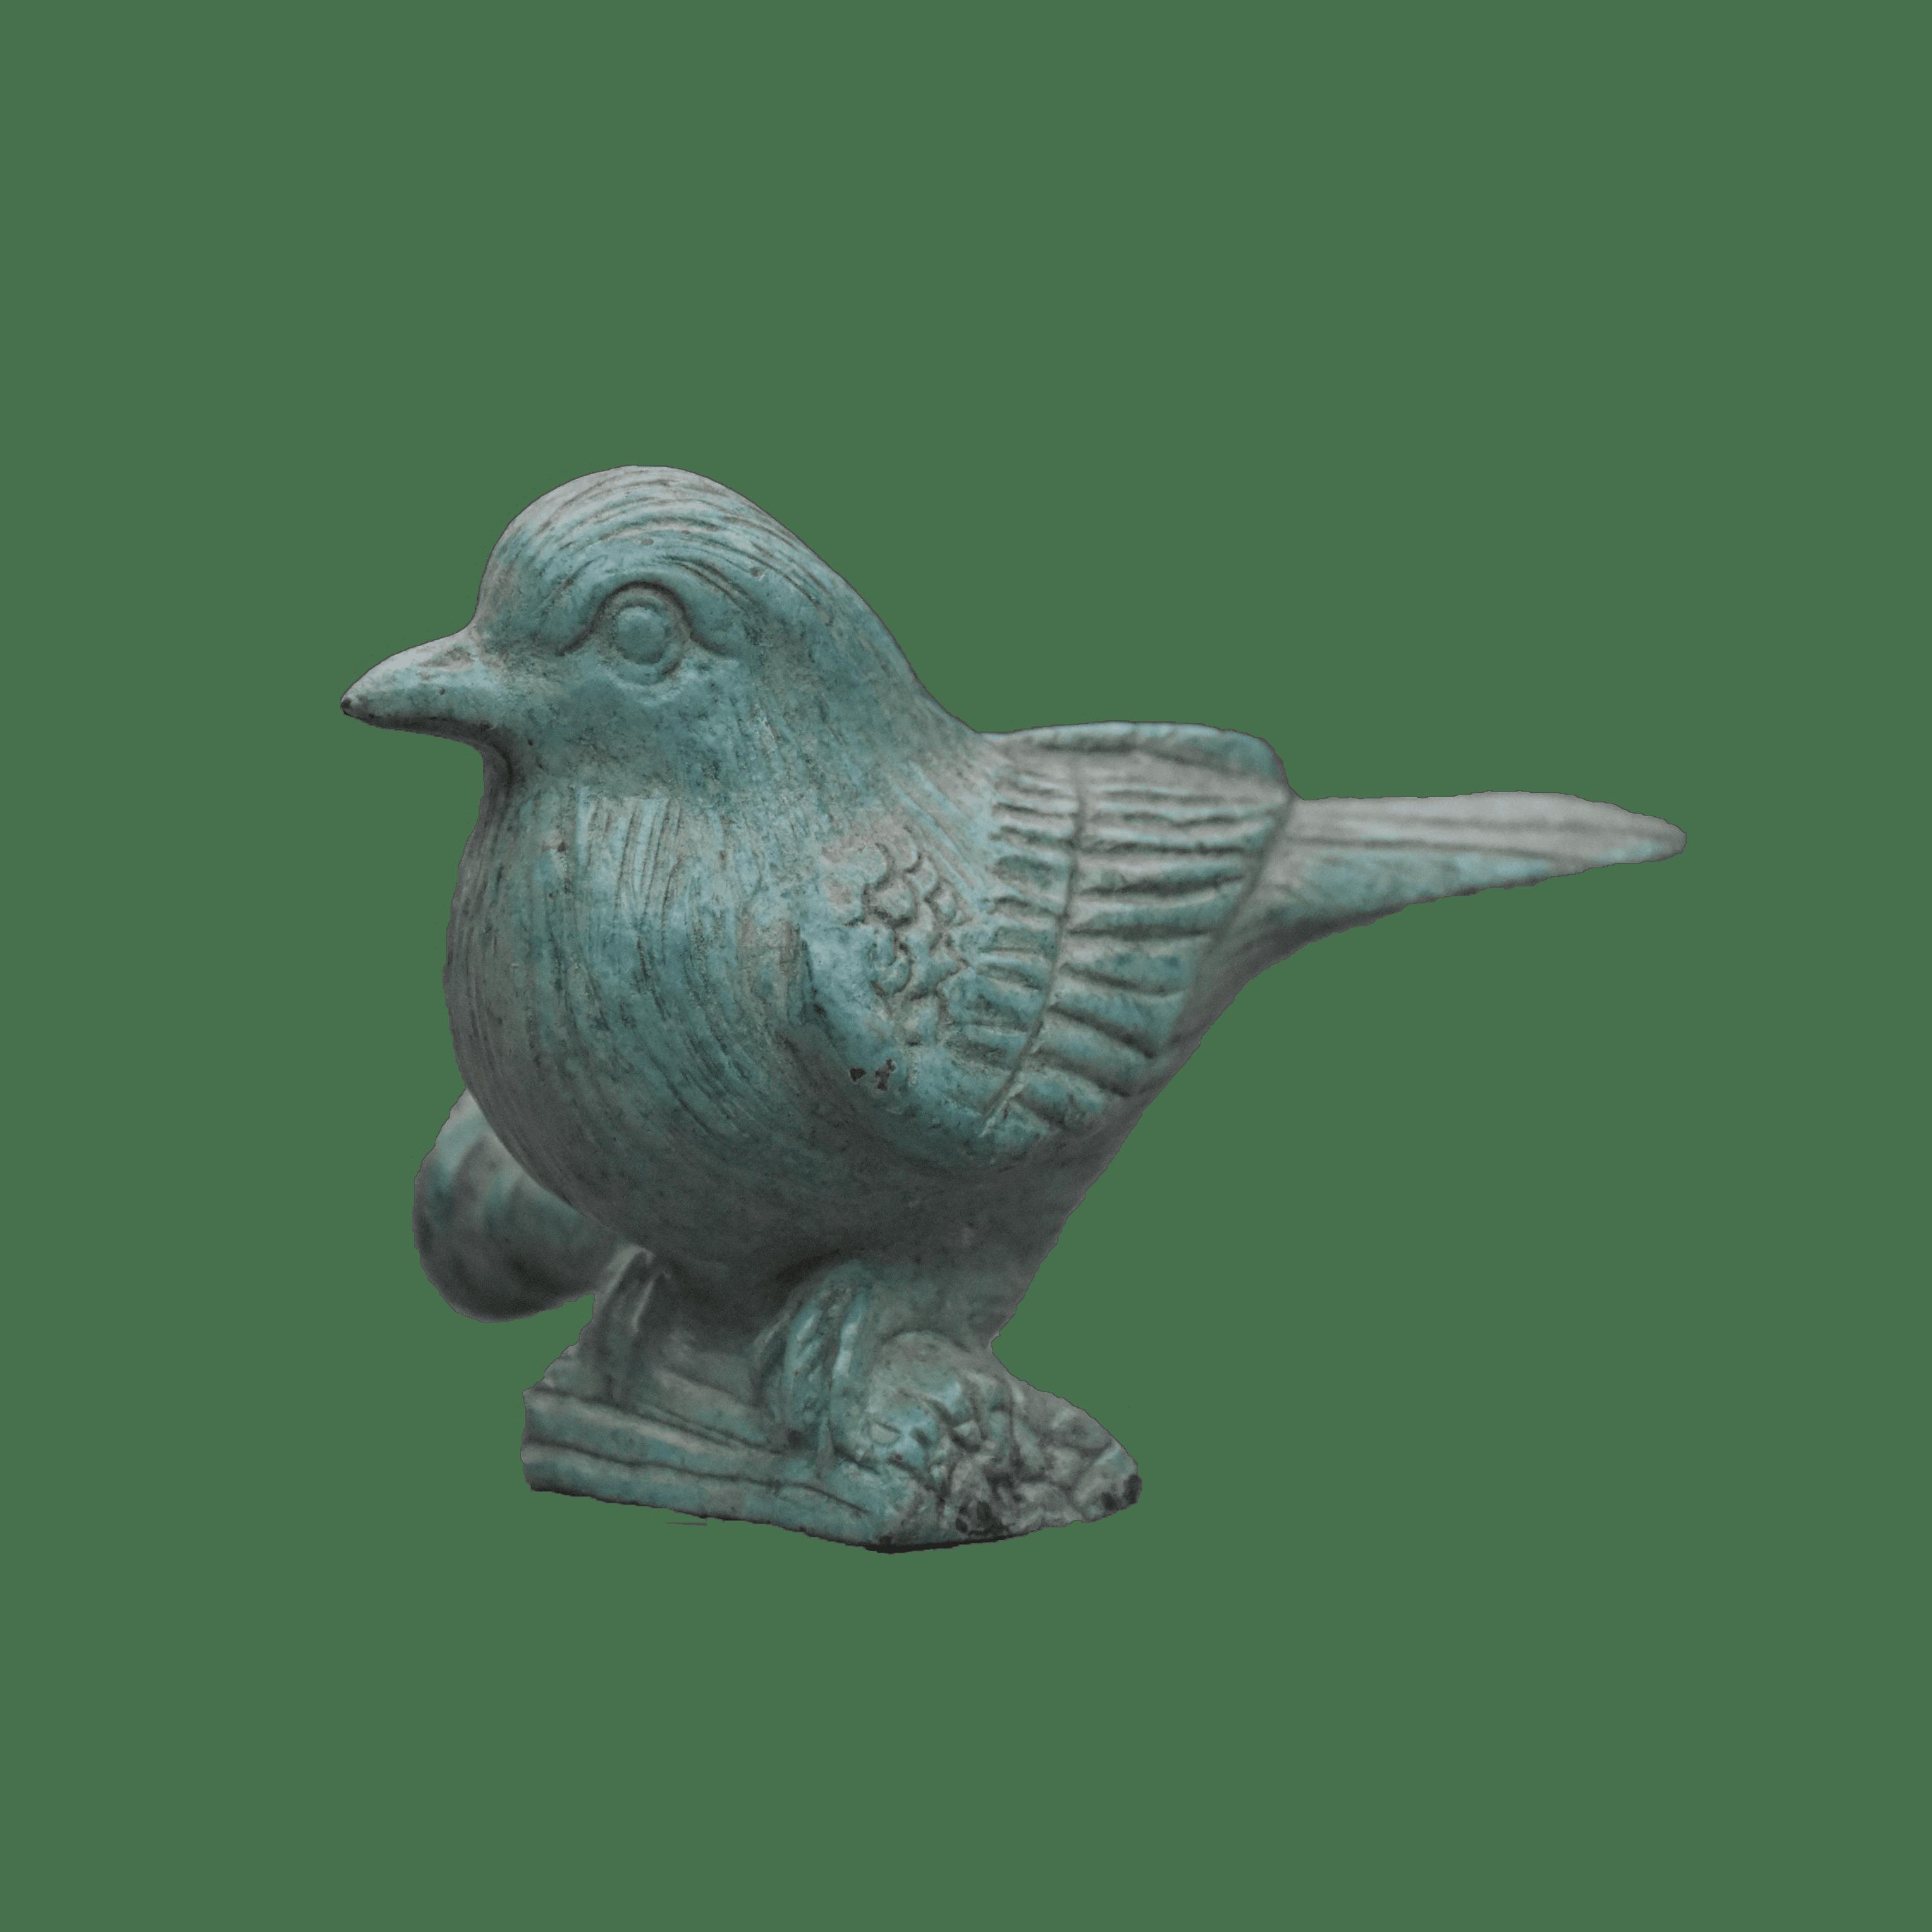 มือจับ -นกกระจอก (เขียว)